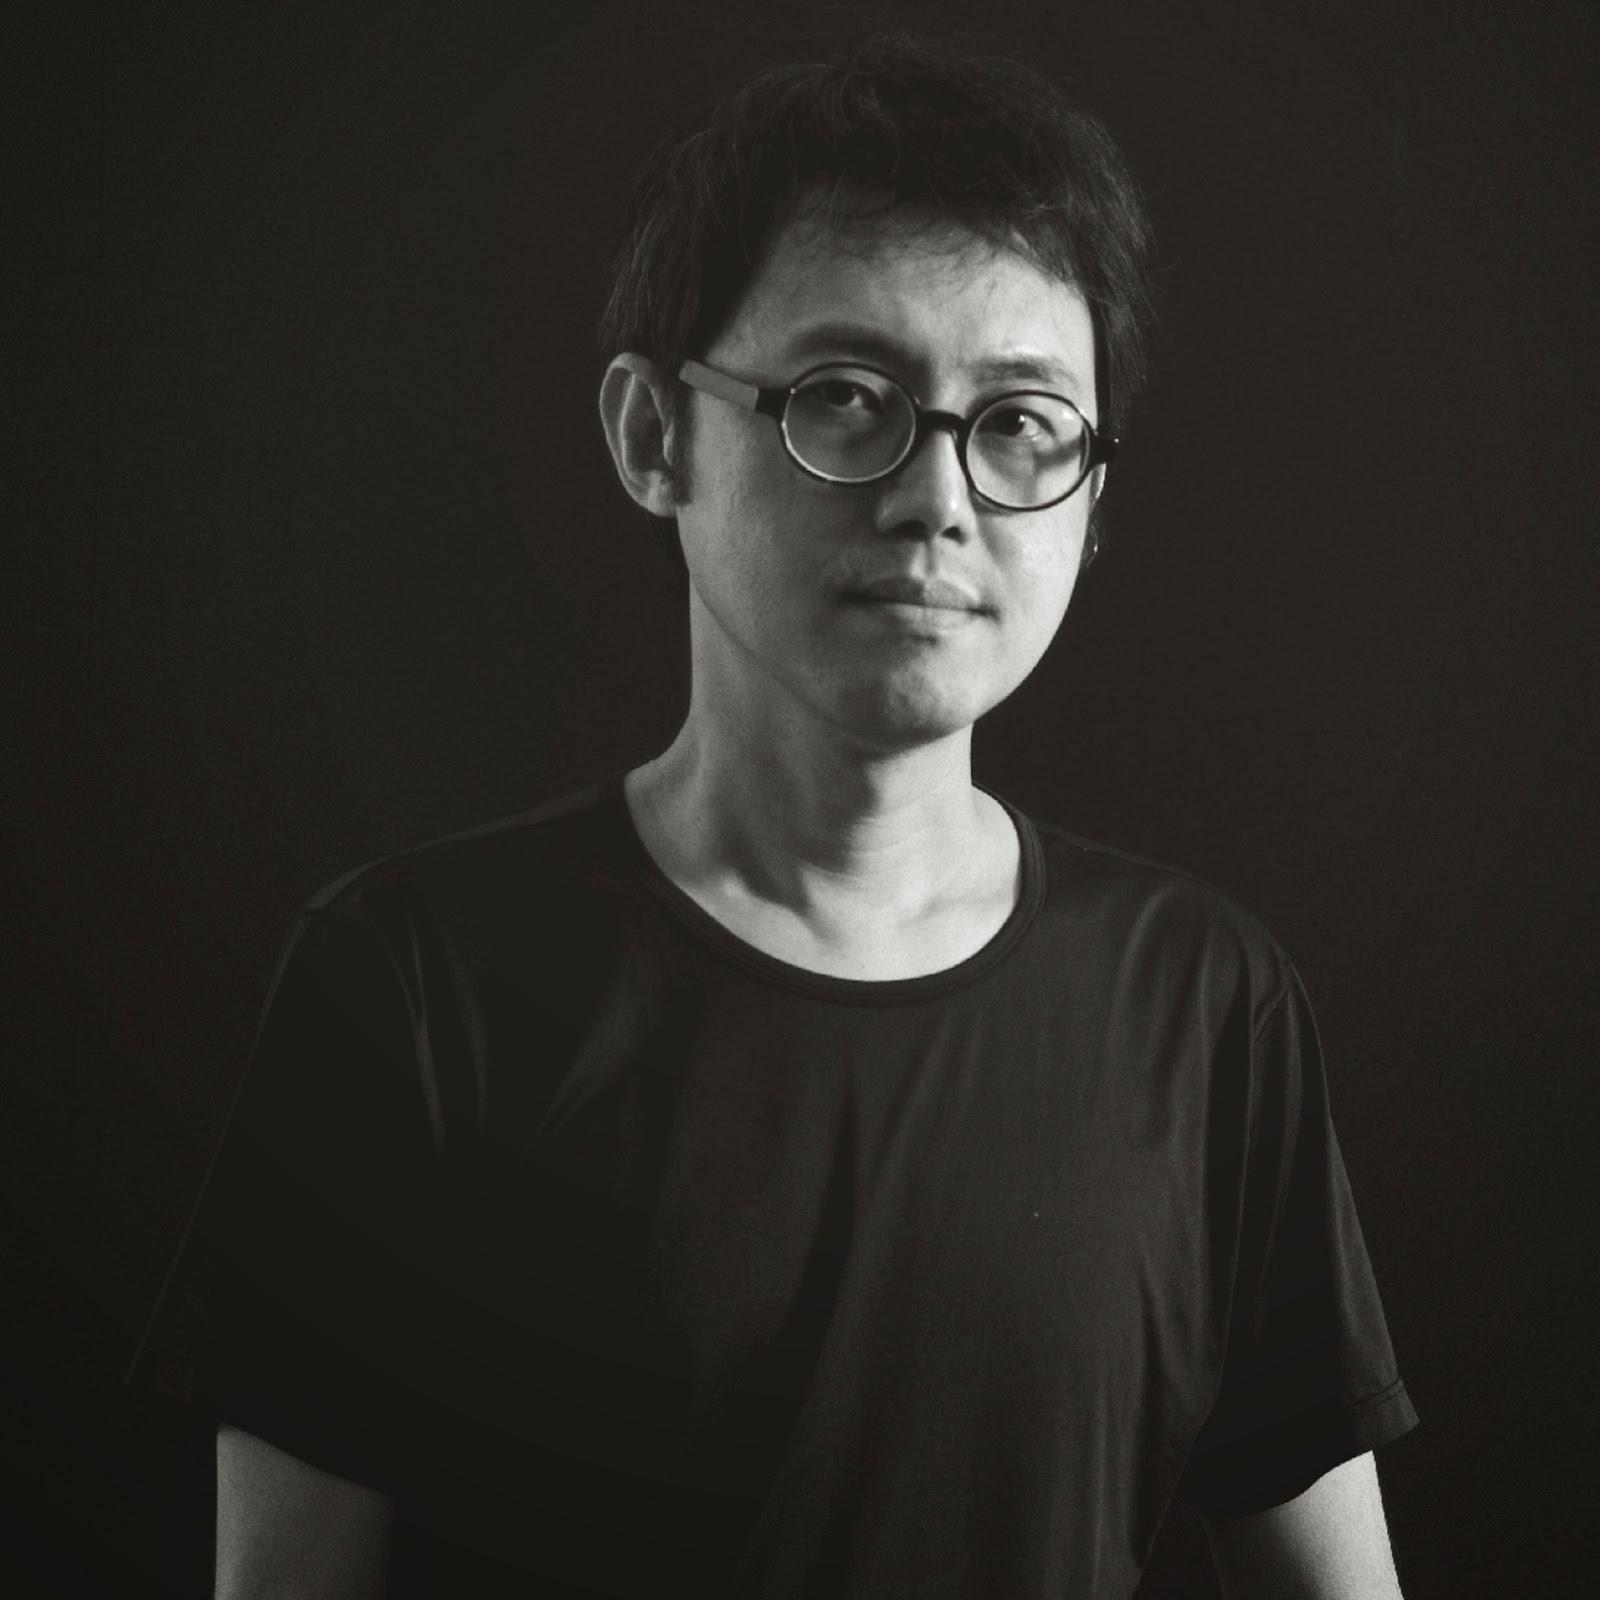 Kow Leong Kiang